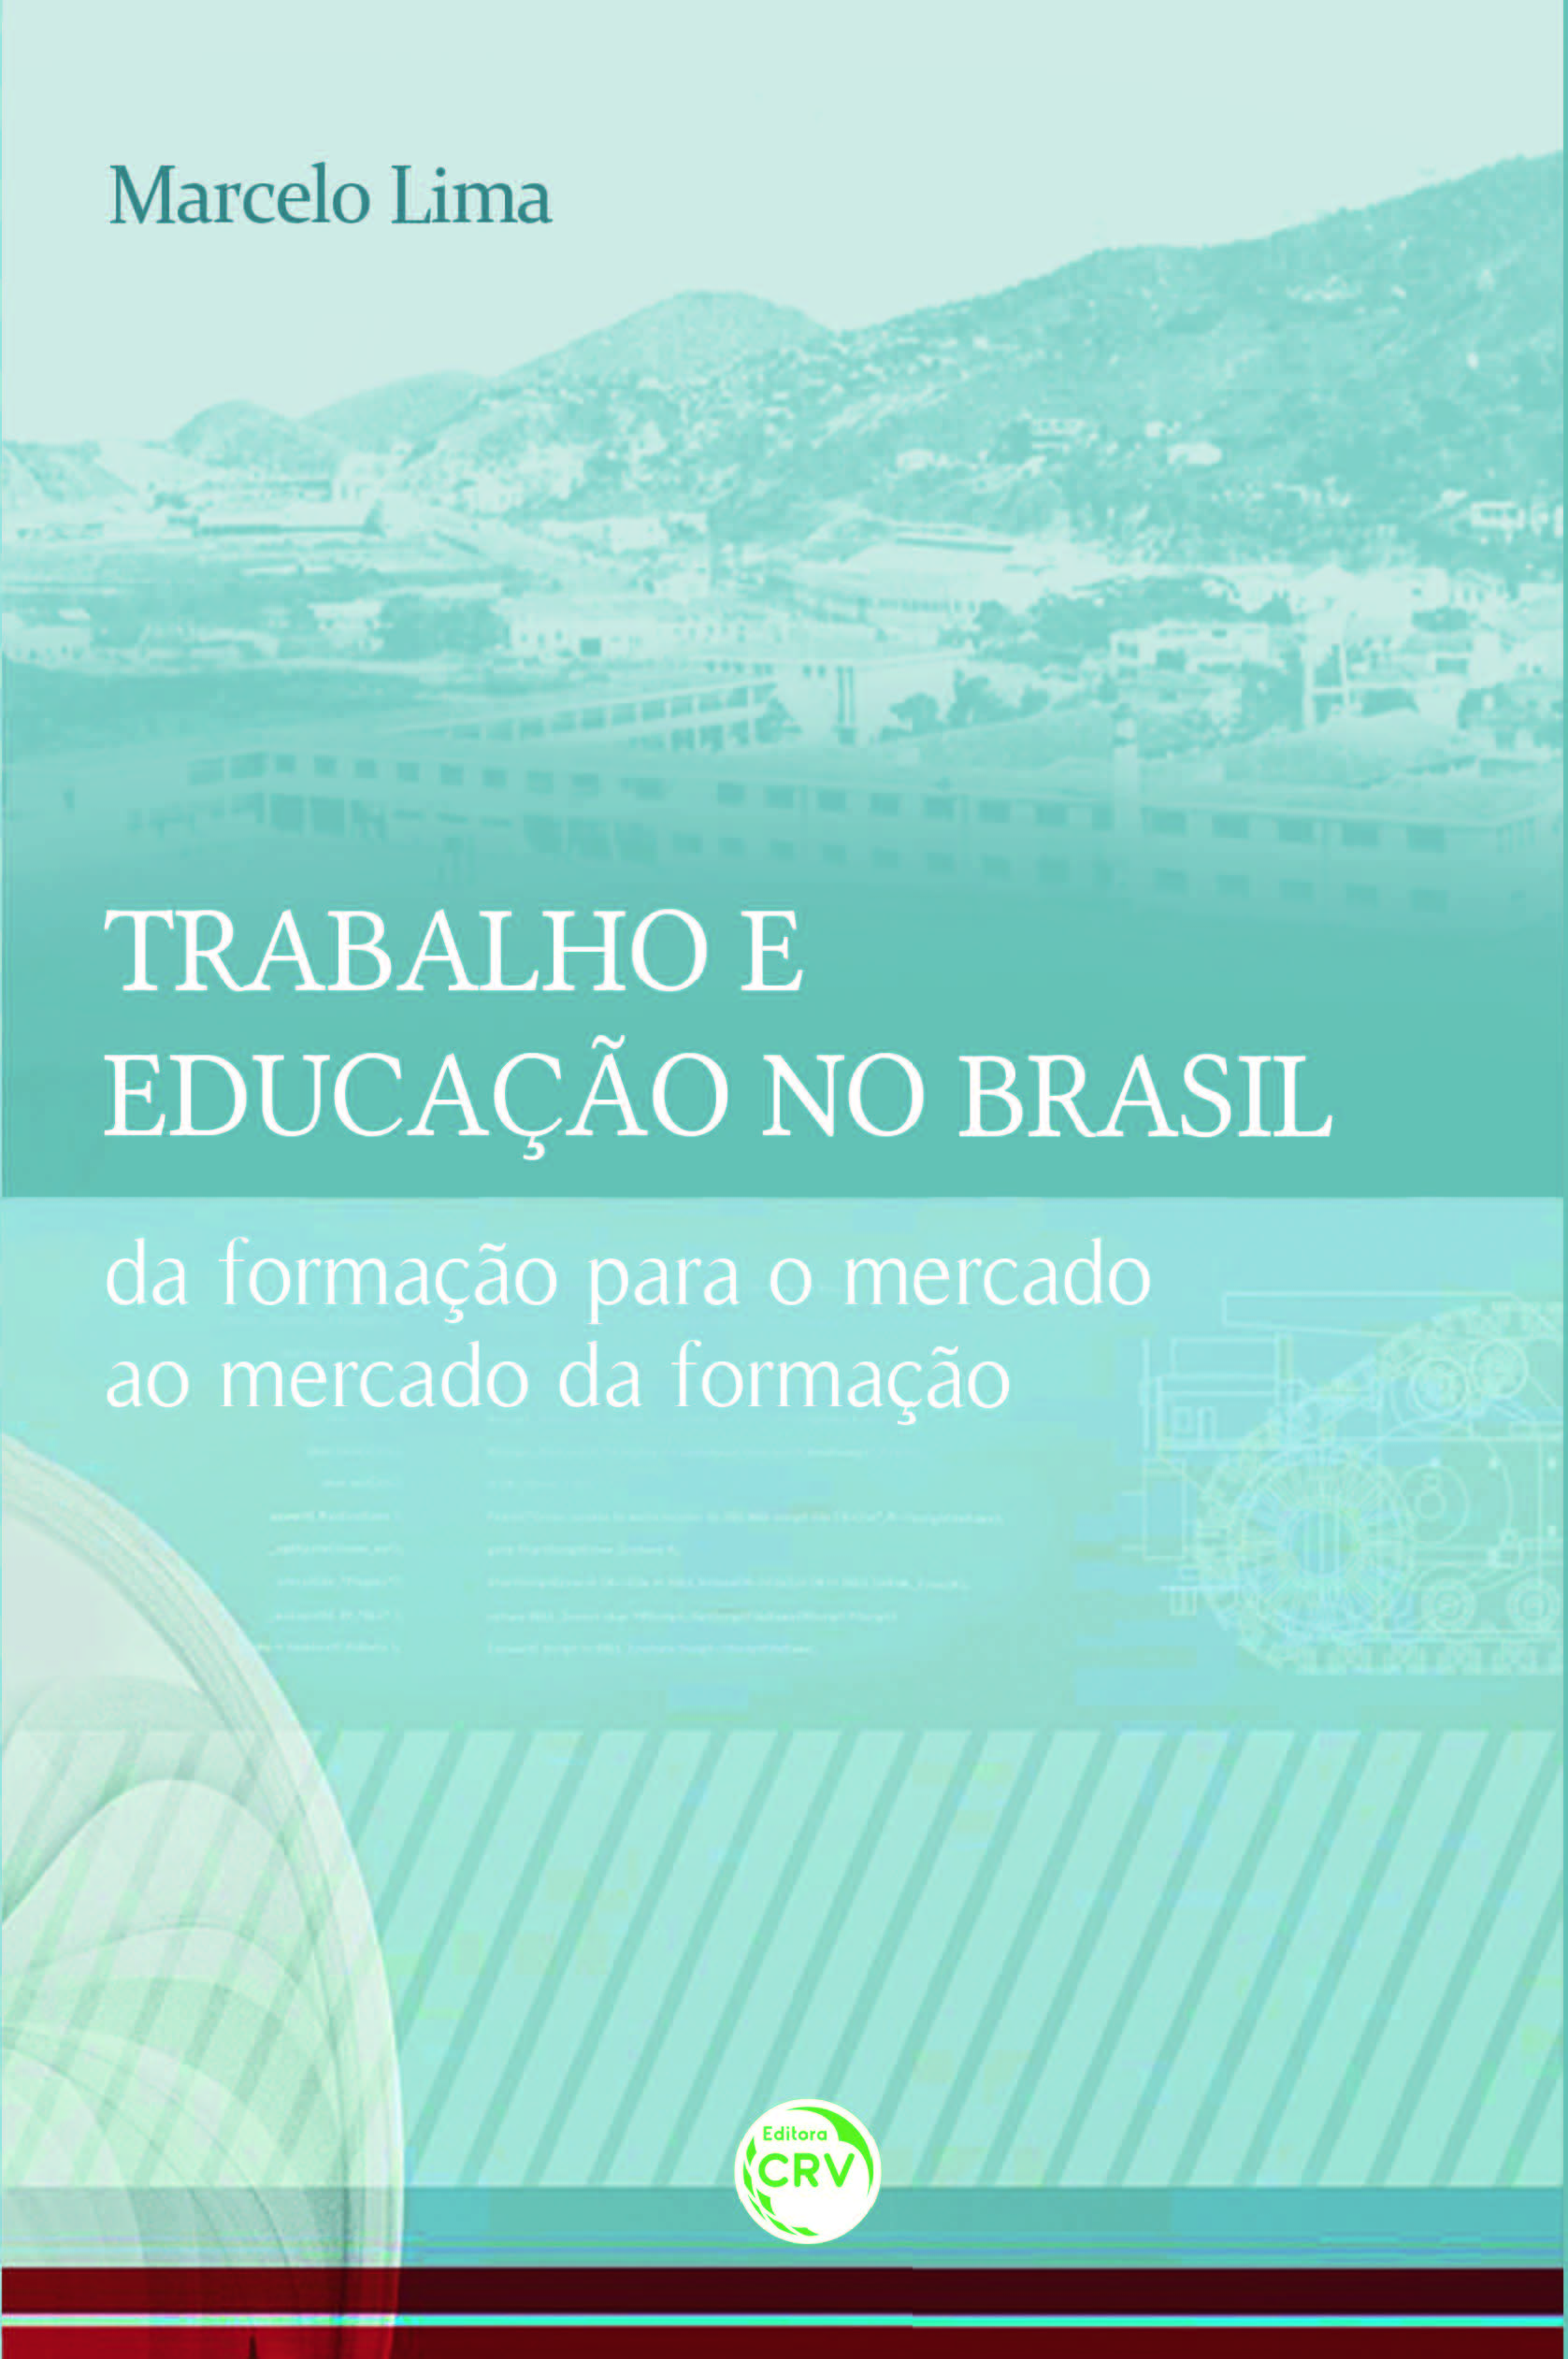 Capa do livro: TRABALHO E EDUCAÇÃO NO BRASIL:<br>da formação para o mercado ao mercado da formação